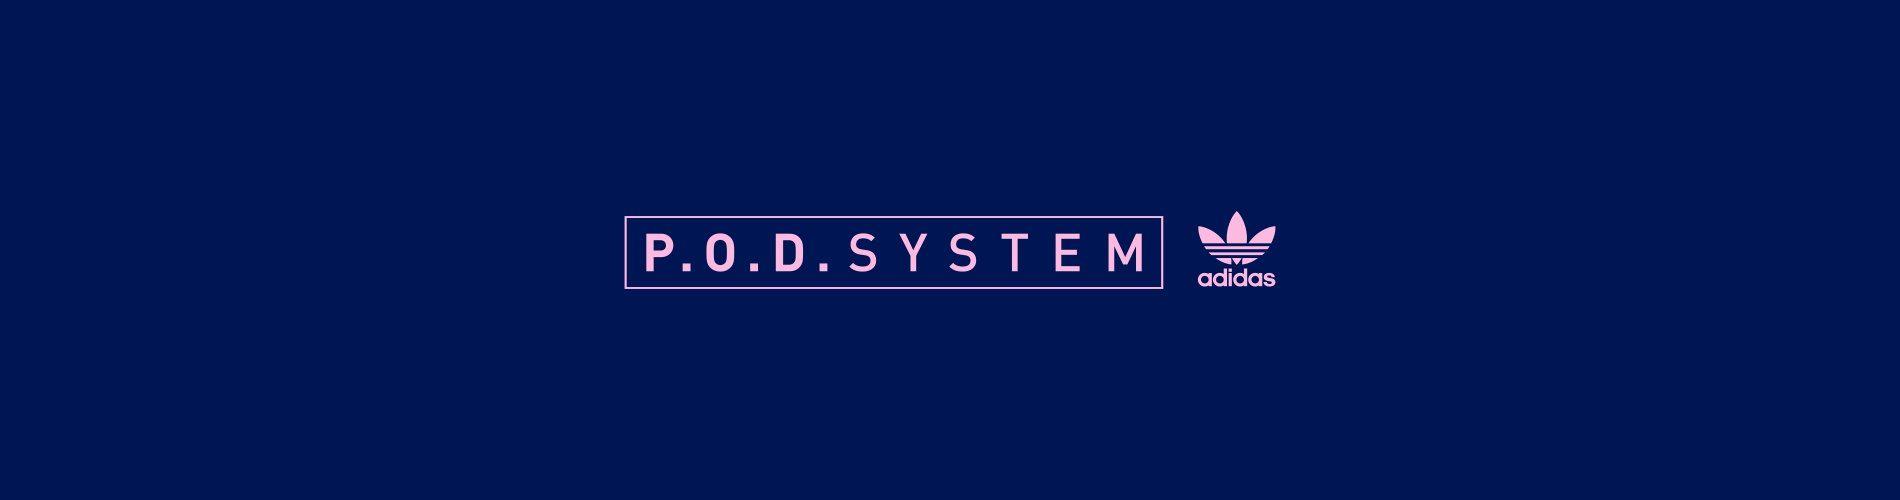 POD System Adidas Originals